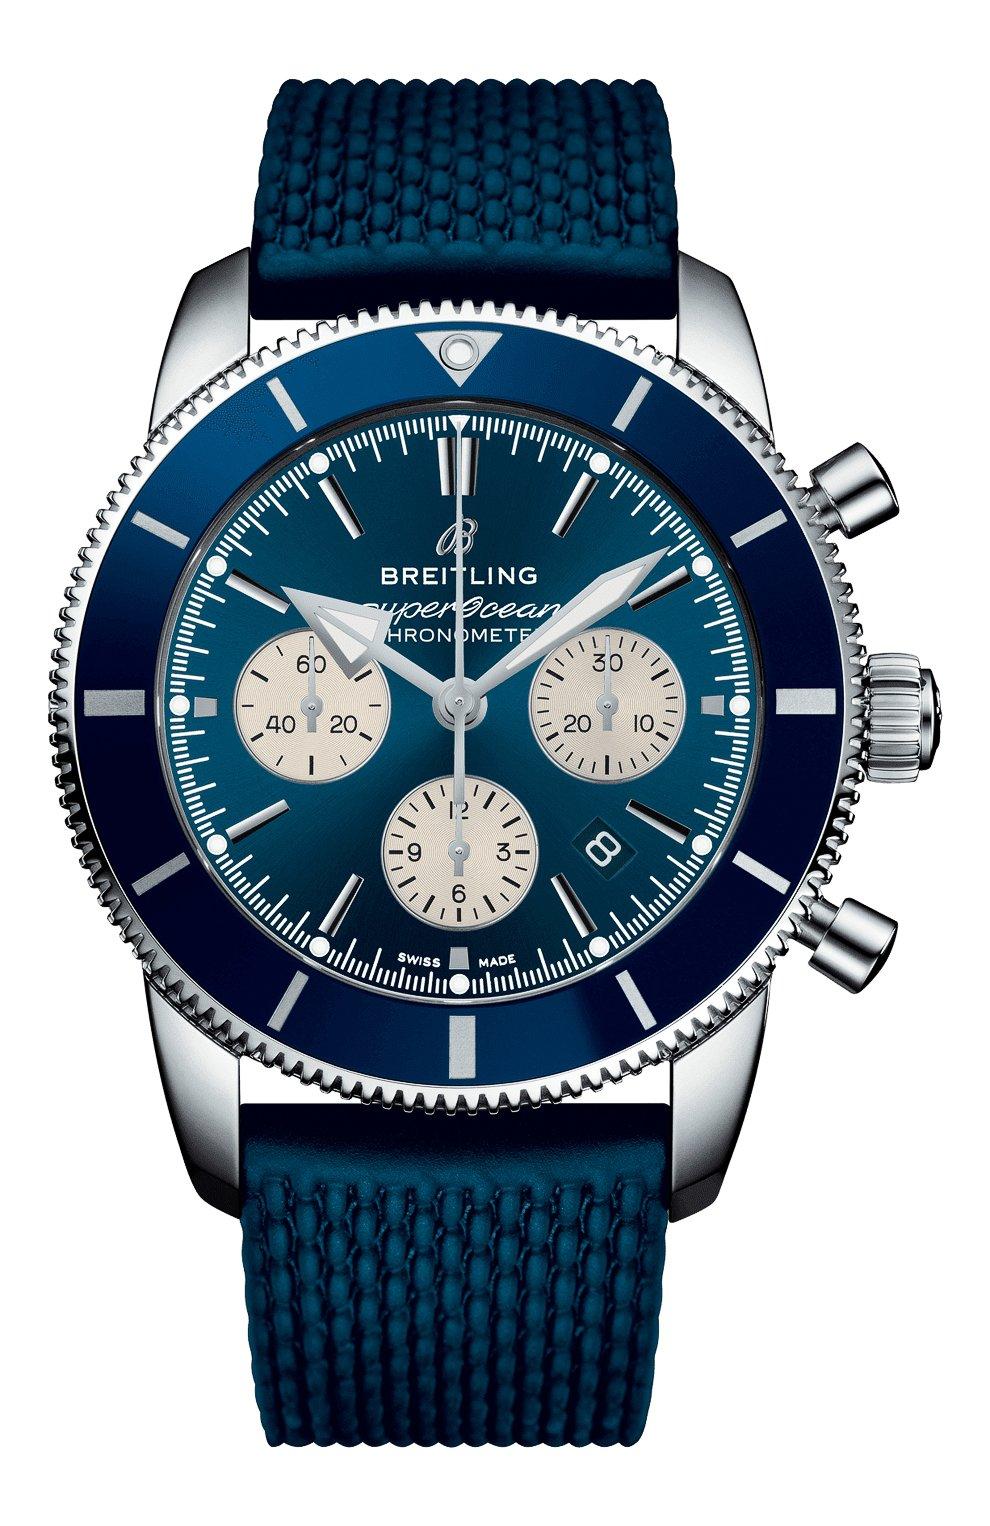 Мужские часы superocean heritage ii b01 chronograph BREITLING синего цвета, арт. AB0162161C1S1 | Фото 1